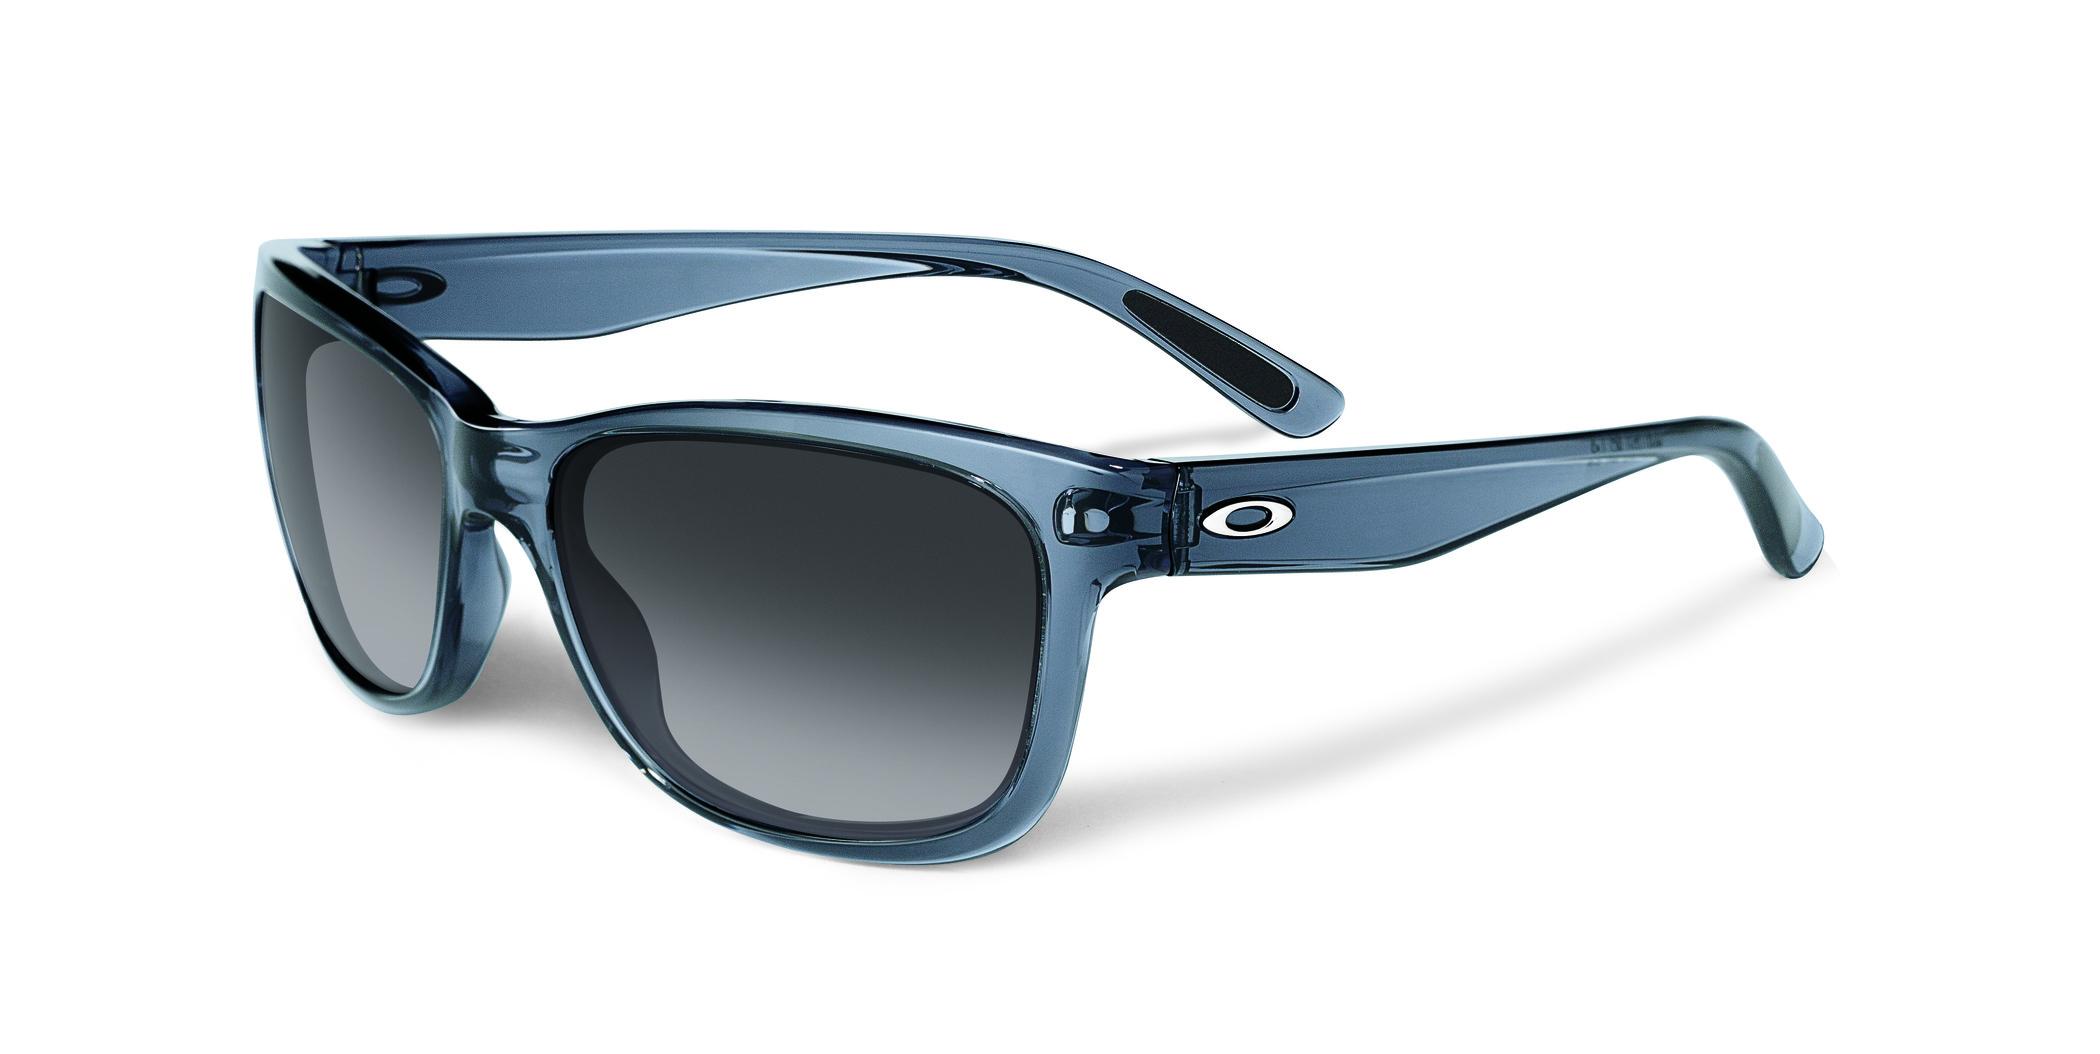 oakley shades  Oakleys Shades - Ficts